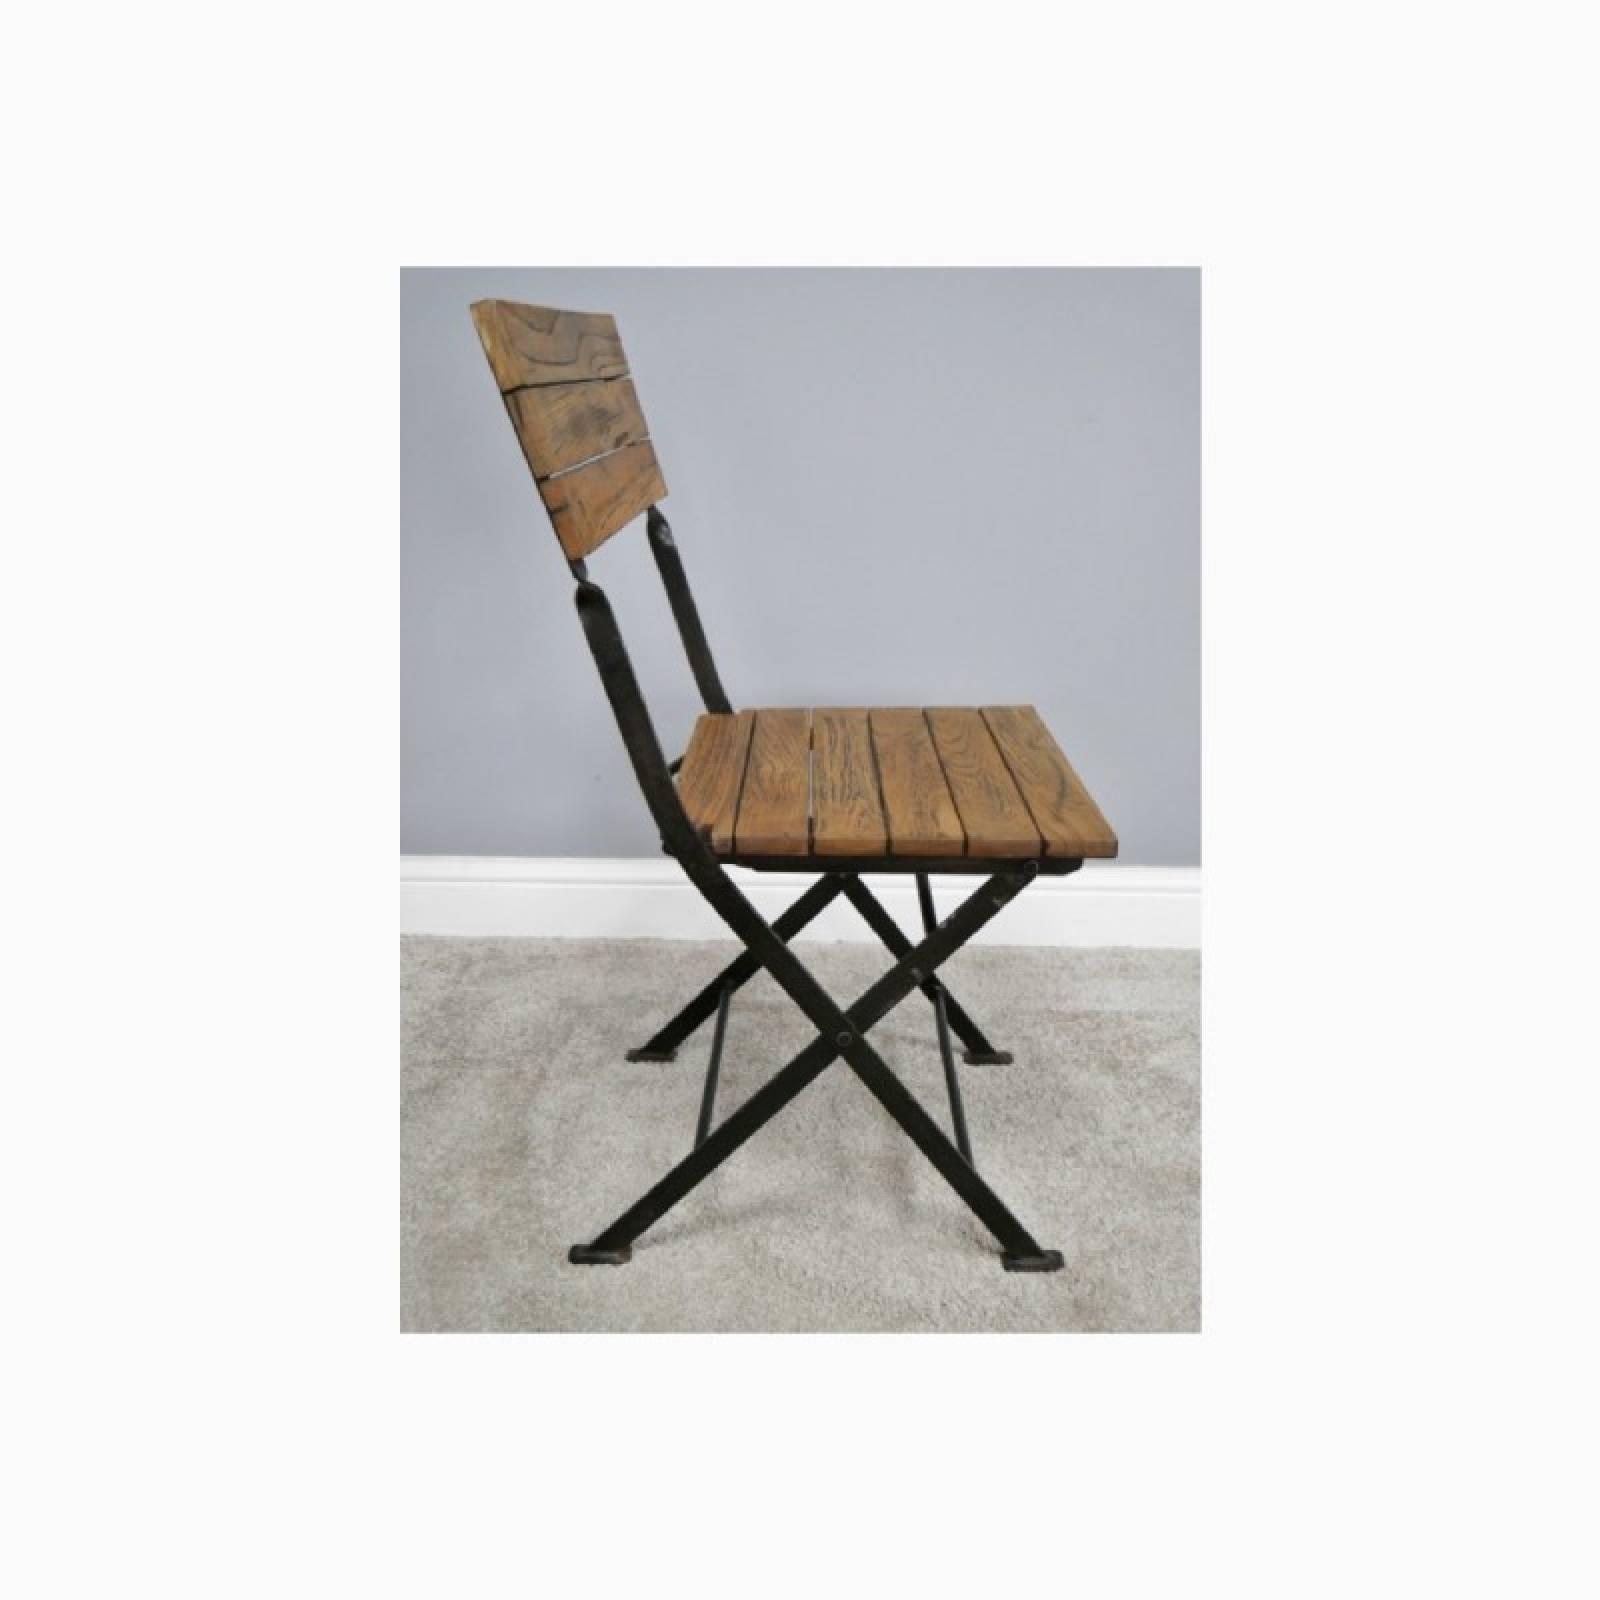 Wooden Slatted Garden Chair thumbnails